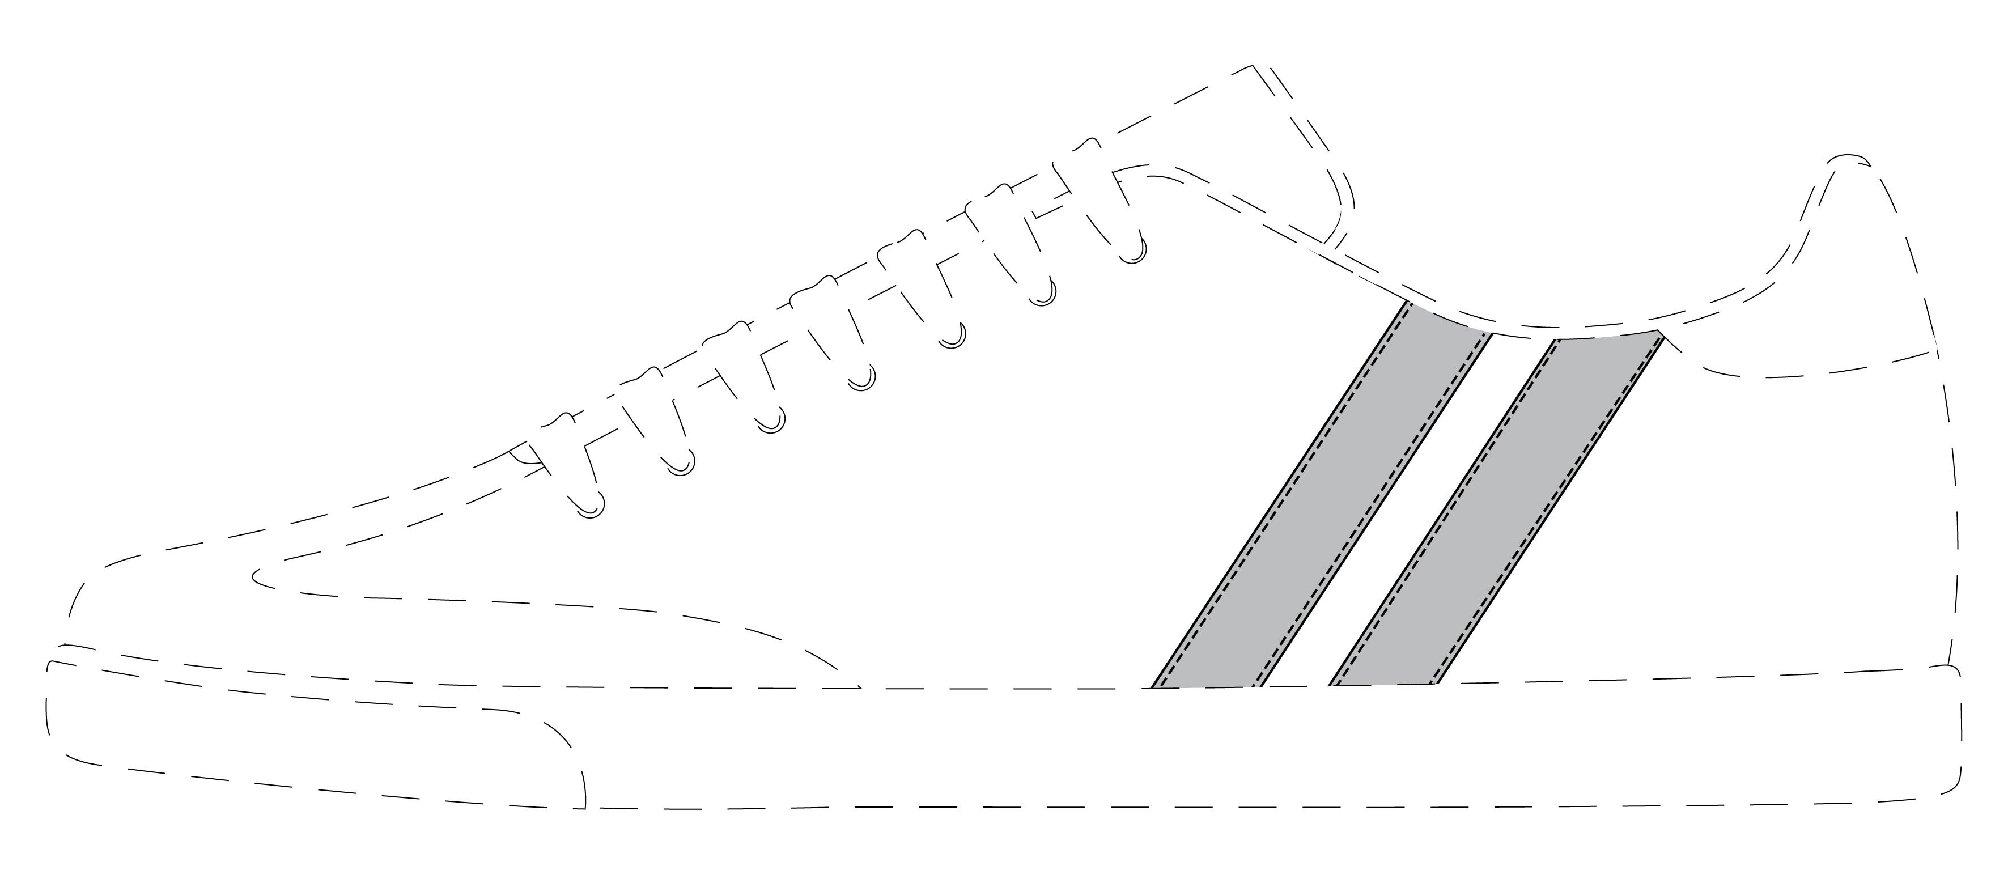 Eugh 2 Parallelstreifen Marke Verletzt Markenrechte Von Adidas Dr